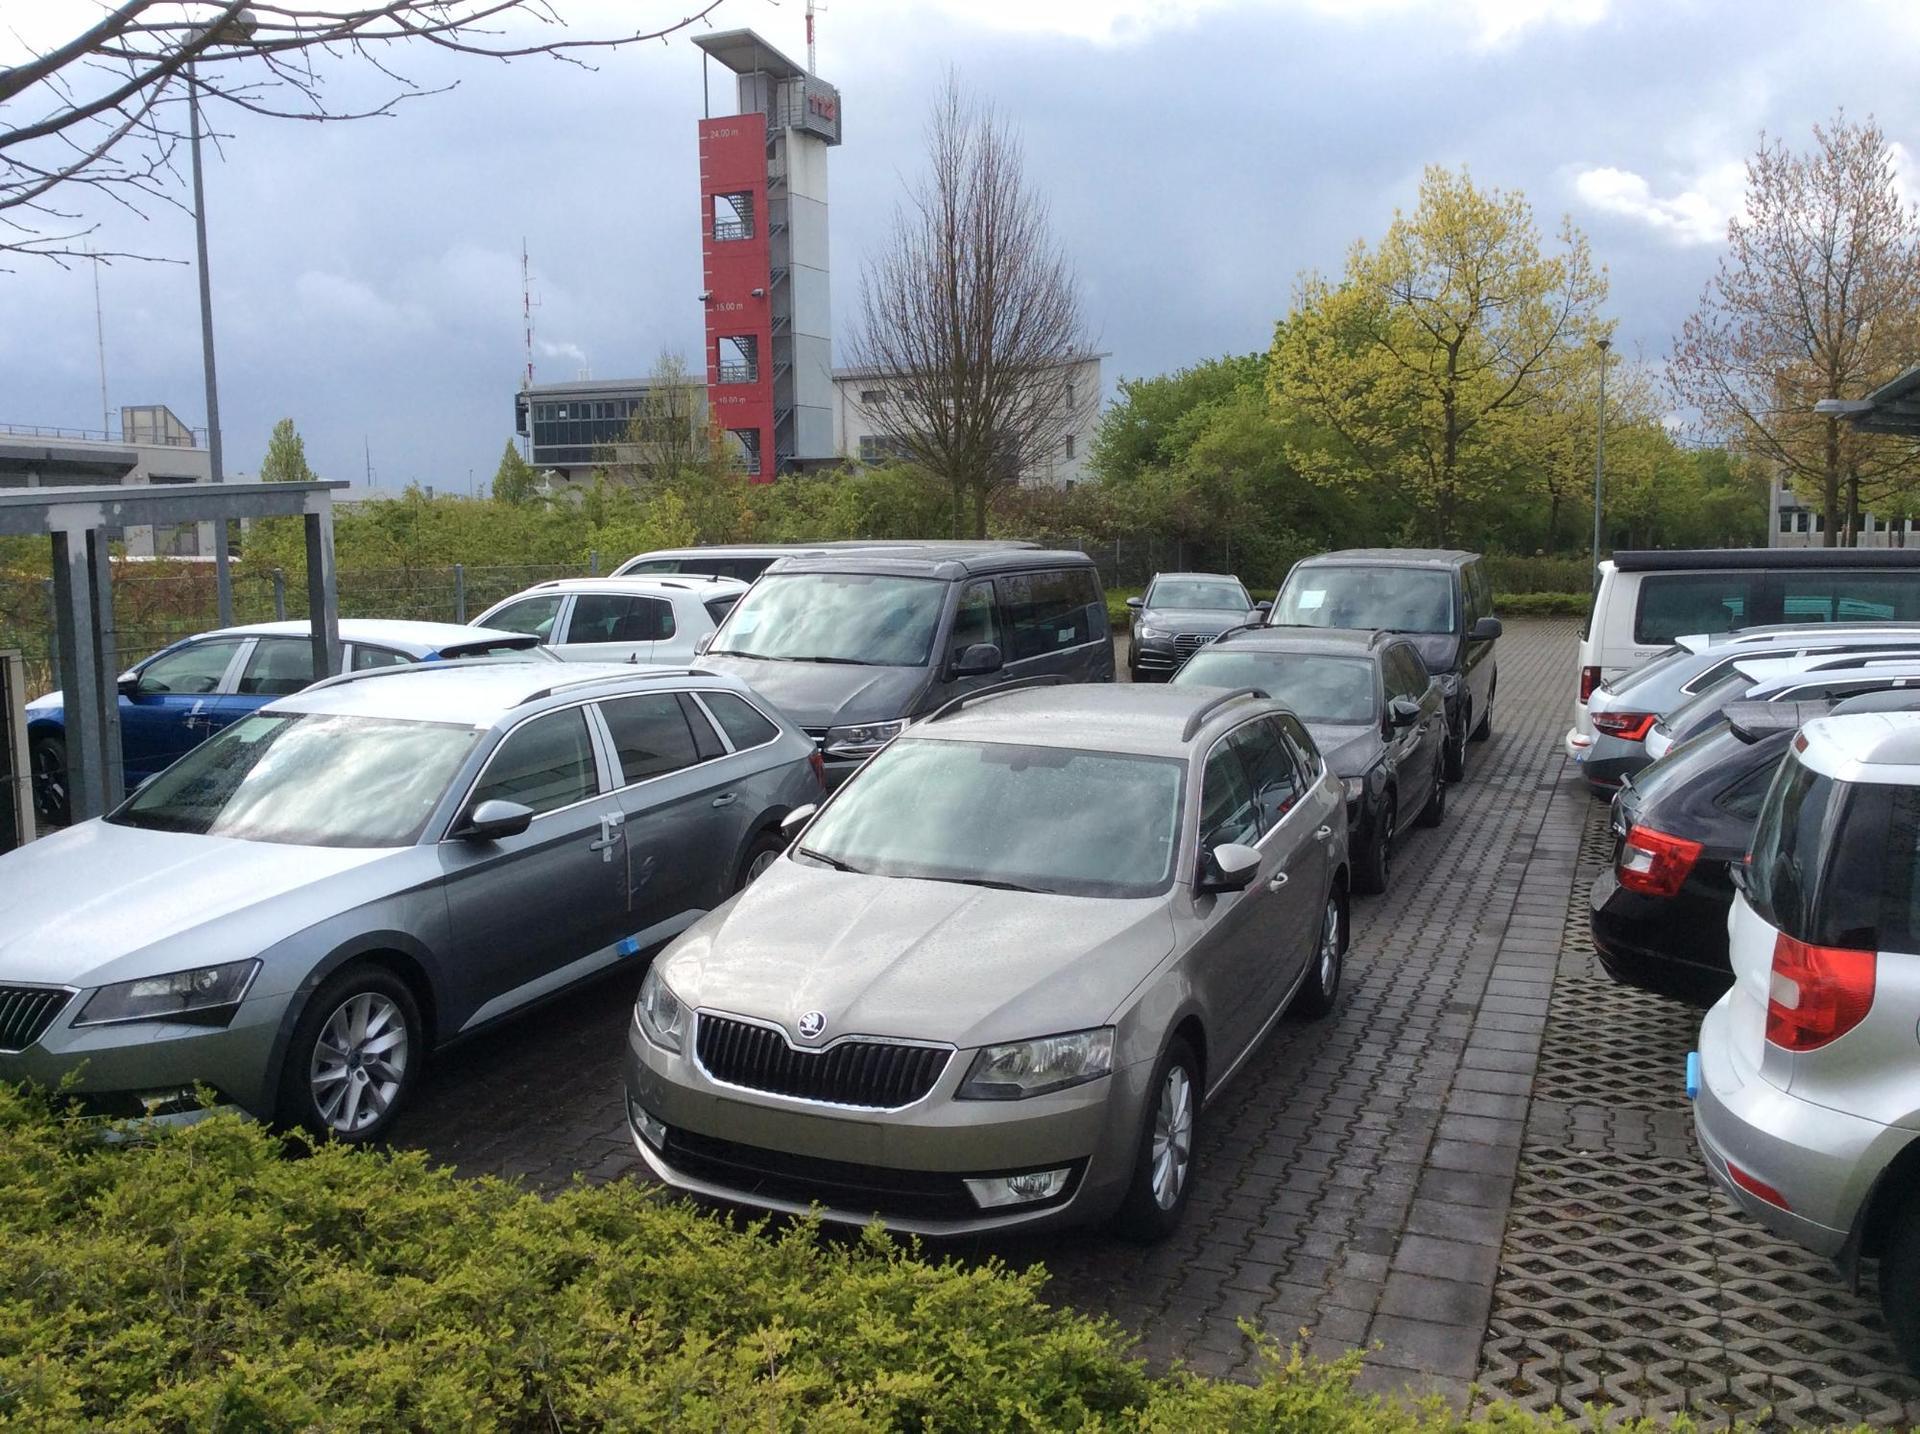 Skoda Bestellfahrzeuge  -- Bei uns mit 4 Jahren Skoda Werksgarantie!